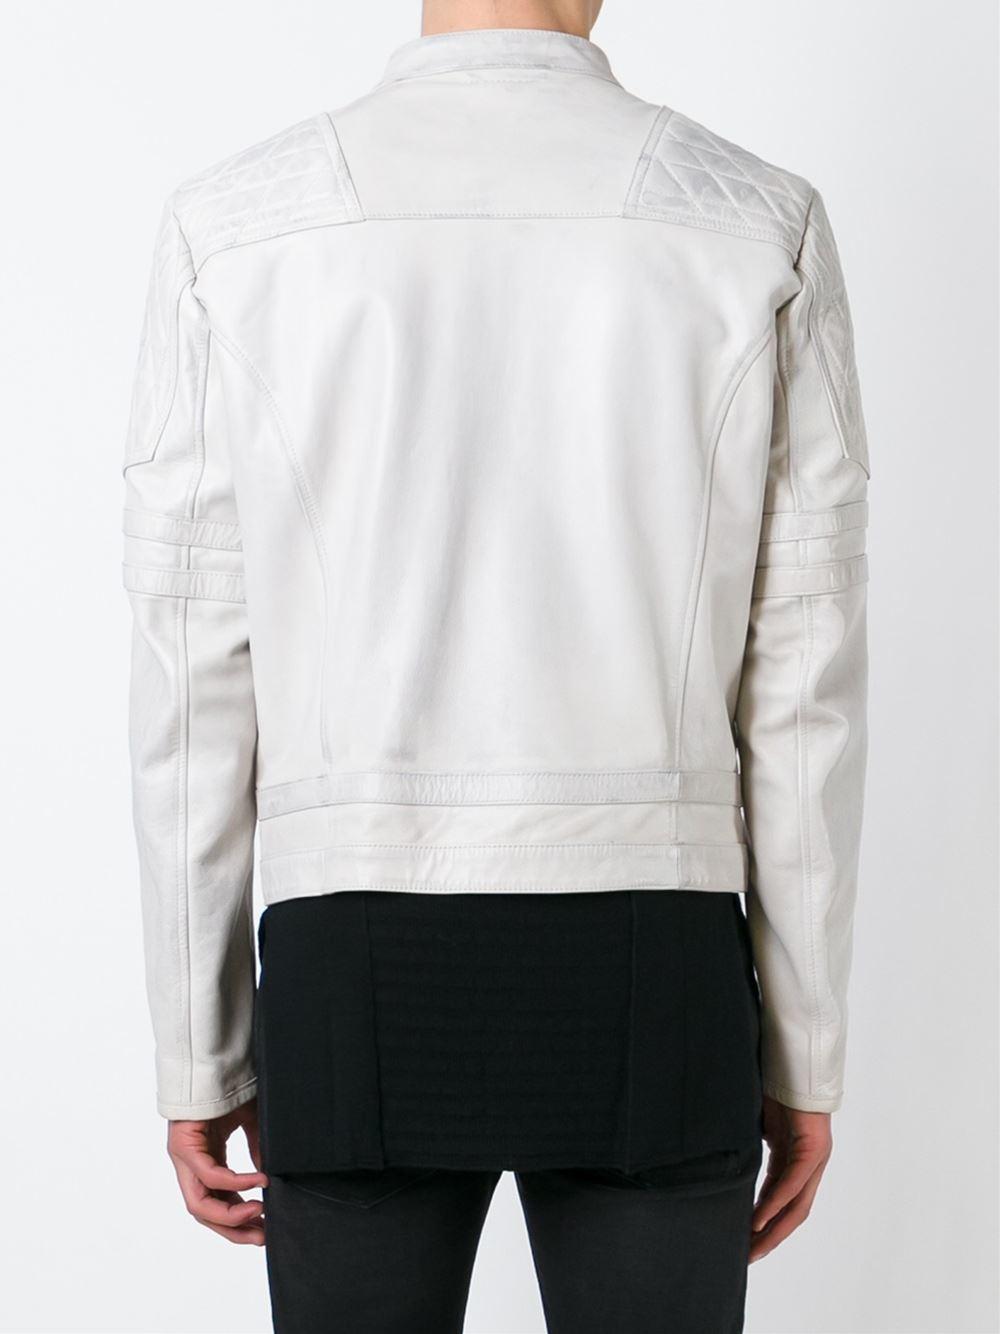 Diesel Black Gold Quilted Shoulder Leather Jacket In Beige For Men Nude  Neutrals -9364